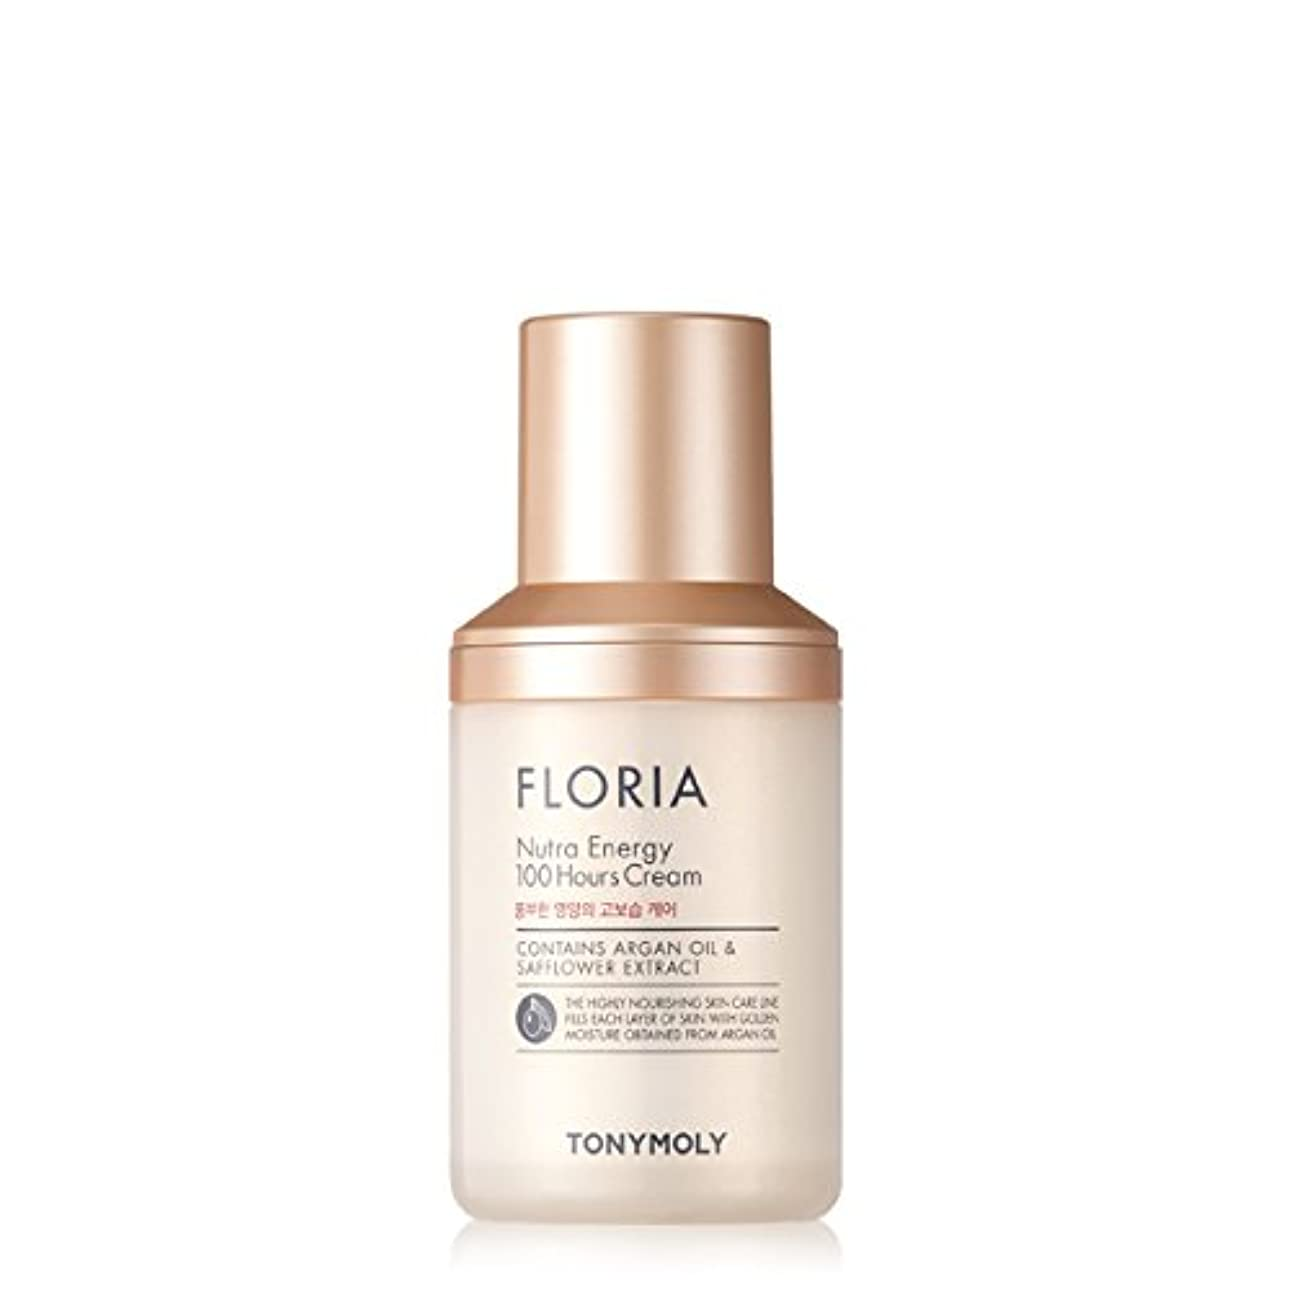 気づくなるセミナー部分的に[NEW] TONY MOLY Floria Nutra energy 100 hours Cream 50ml トニーモリー フローリア ニュートラ エナジー 100時間 クリーム 50ml [並行輸入品]